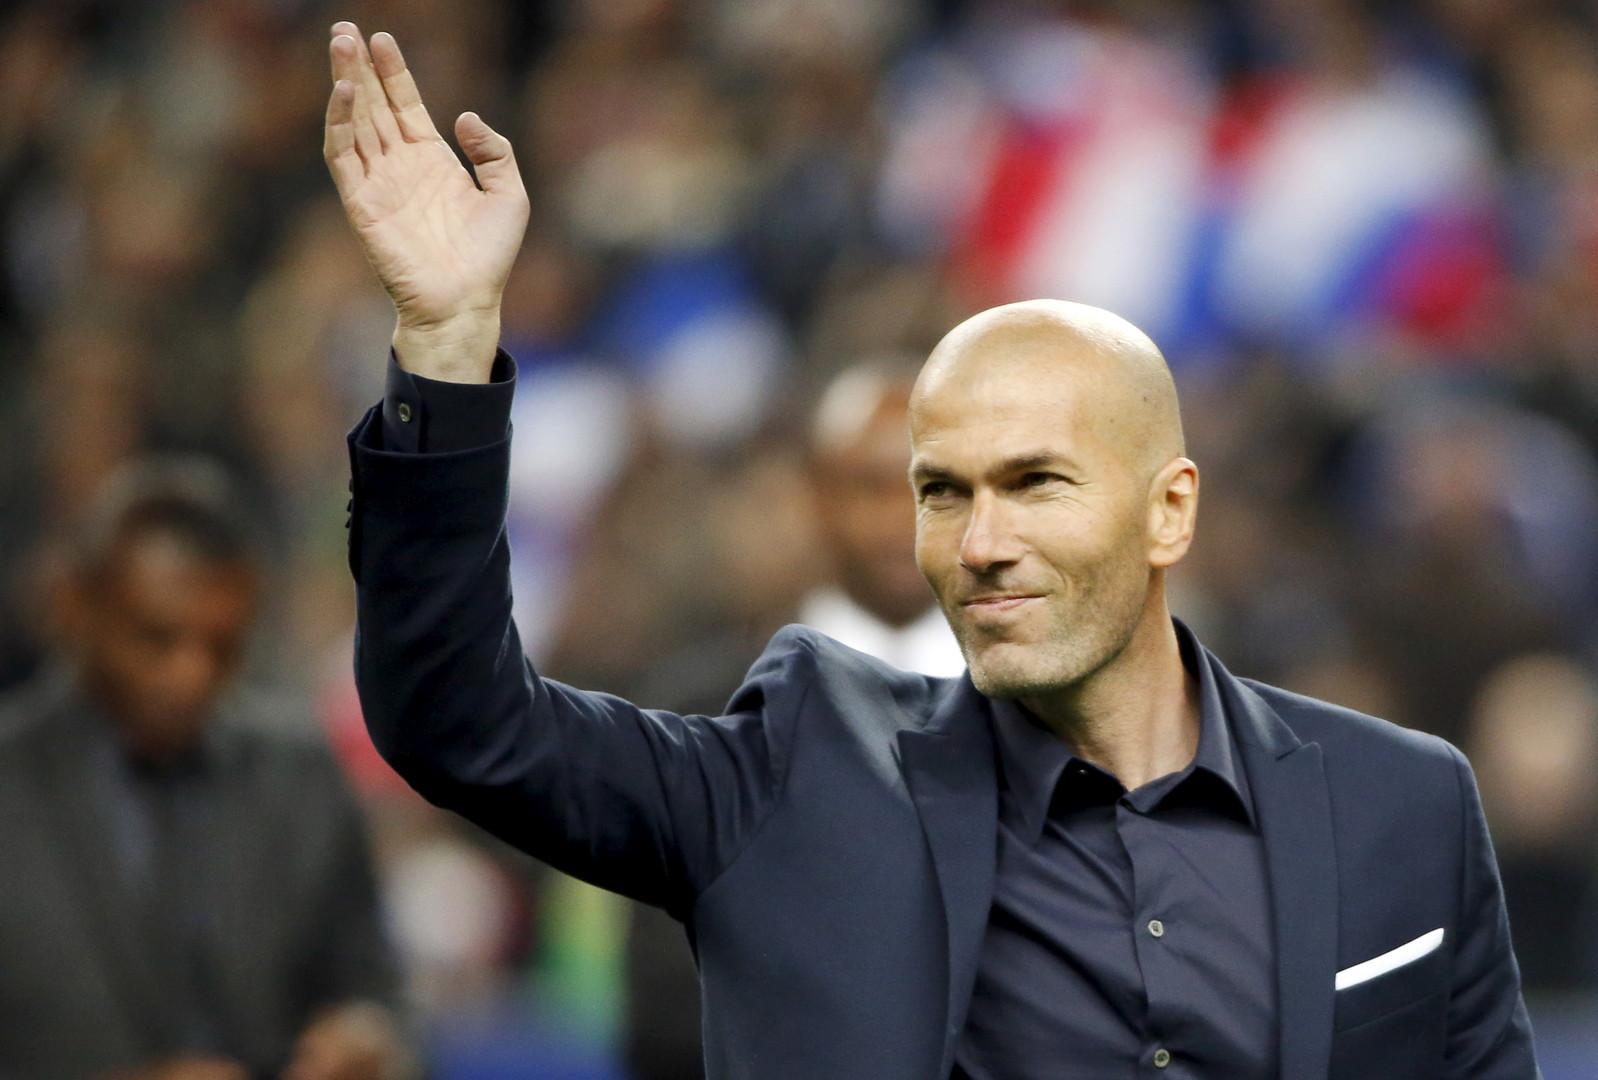 زيدان يقرر إراحة رونالدو أمام ديبورتيفو في الدوري الإسباني   الغد